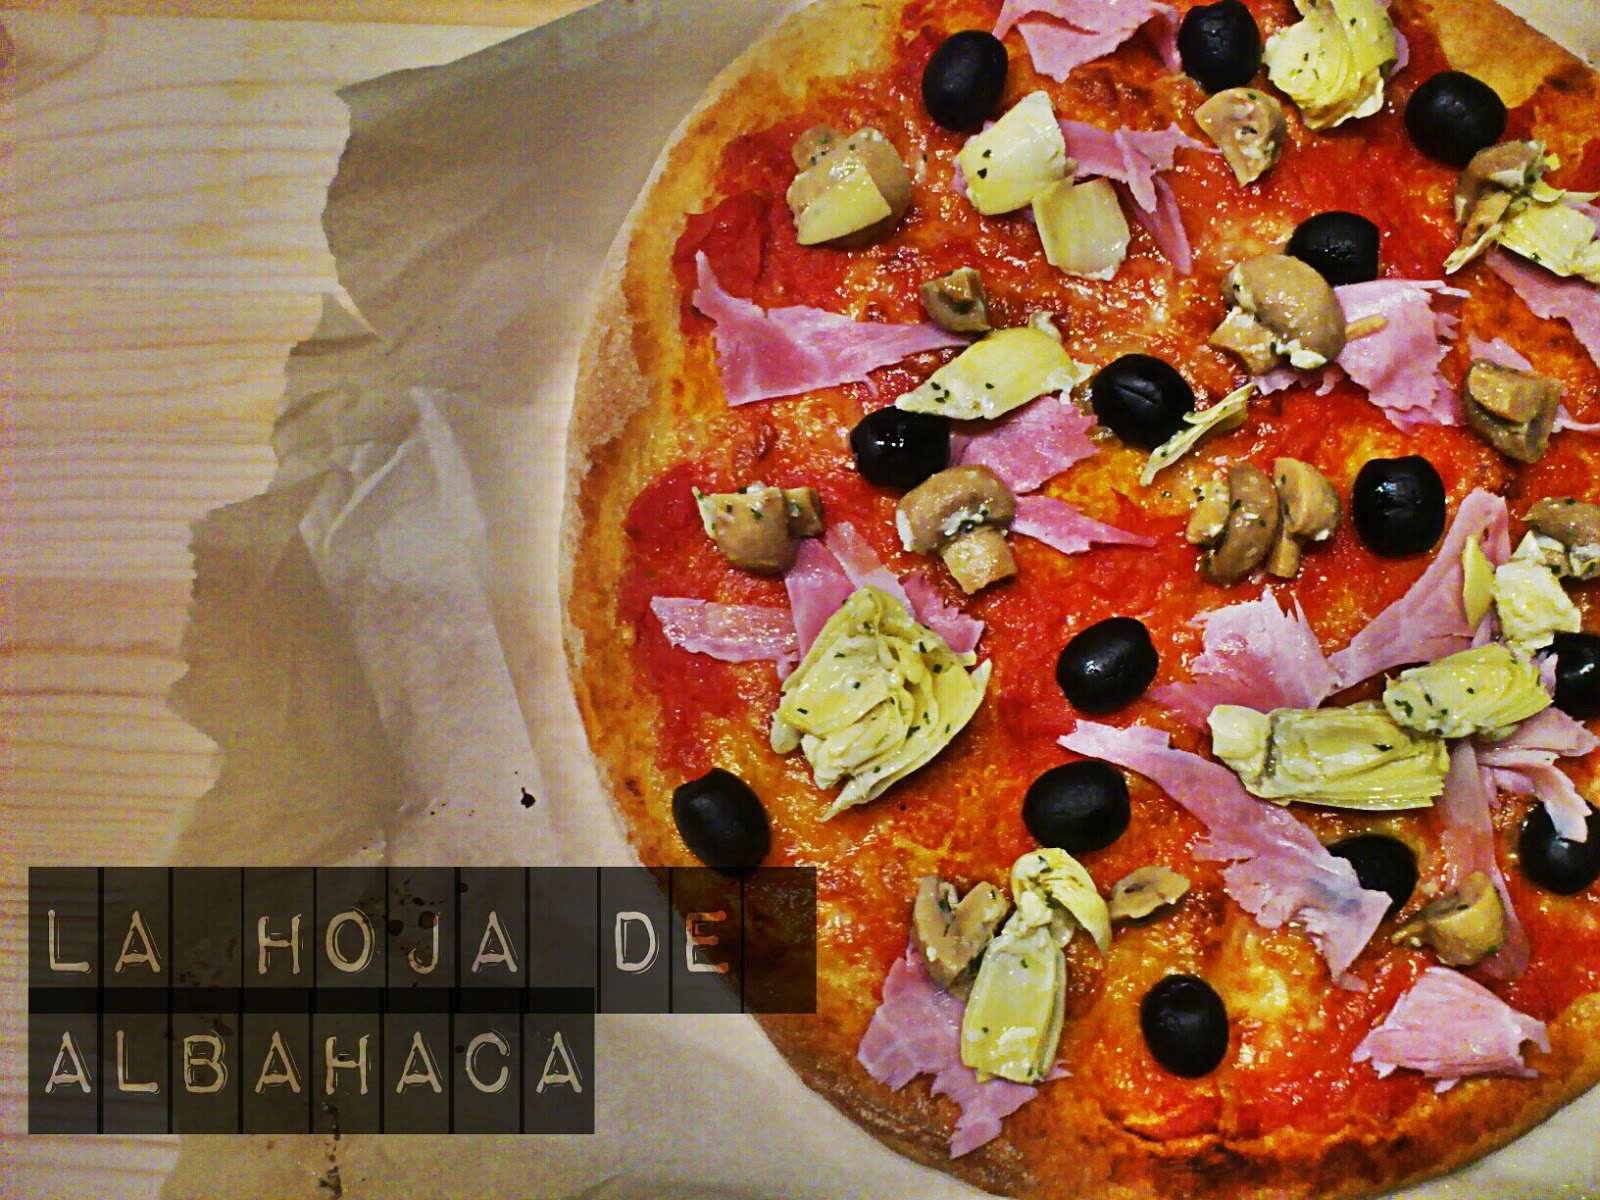 pizza casera, maridaje vino y pizza, curso de pizza, pizza romana